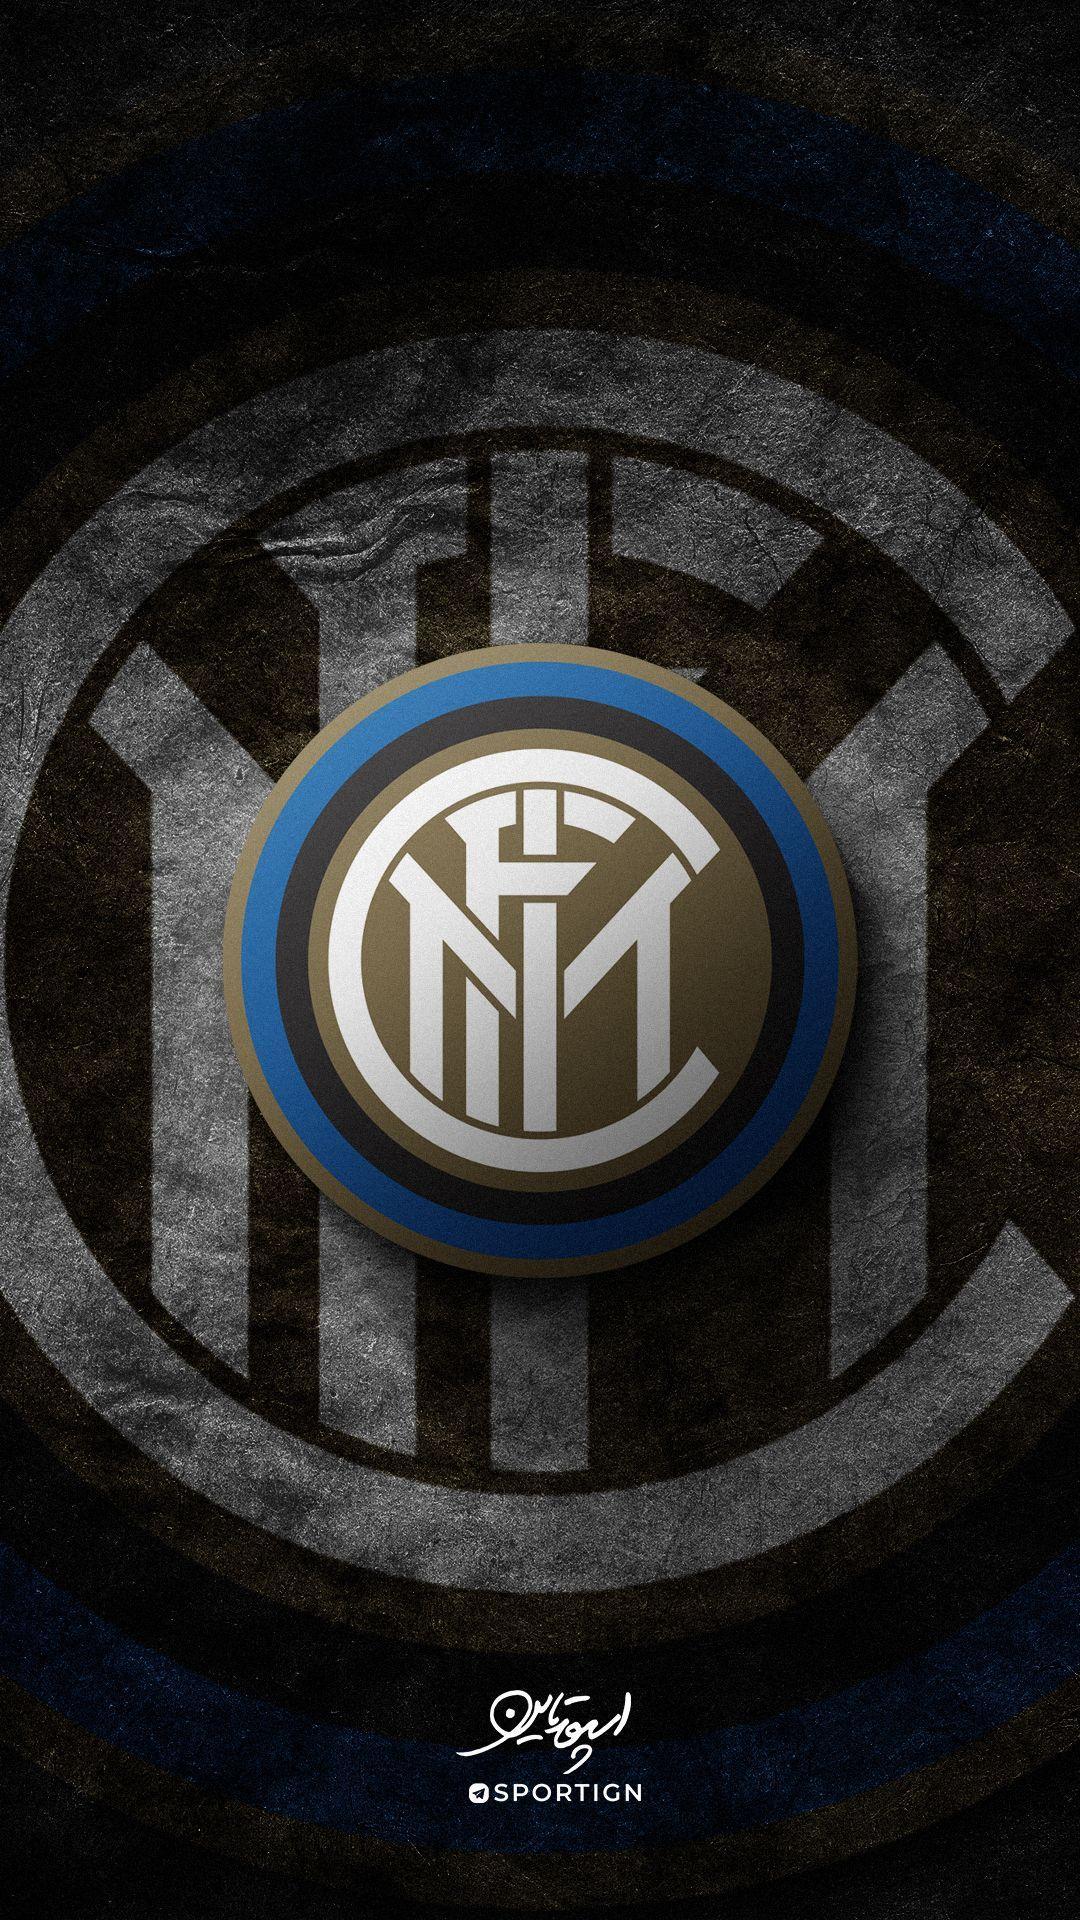 Sports Inter Milan Soccer Club Einrichten Wohnung Hausdekoration Wohnideen Wohnzimmer Dekoration Hausdekor Inter Milan Inter Milan Logo Milan Football